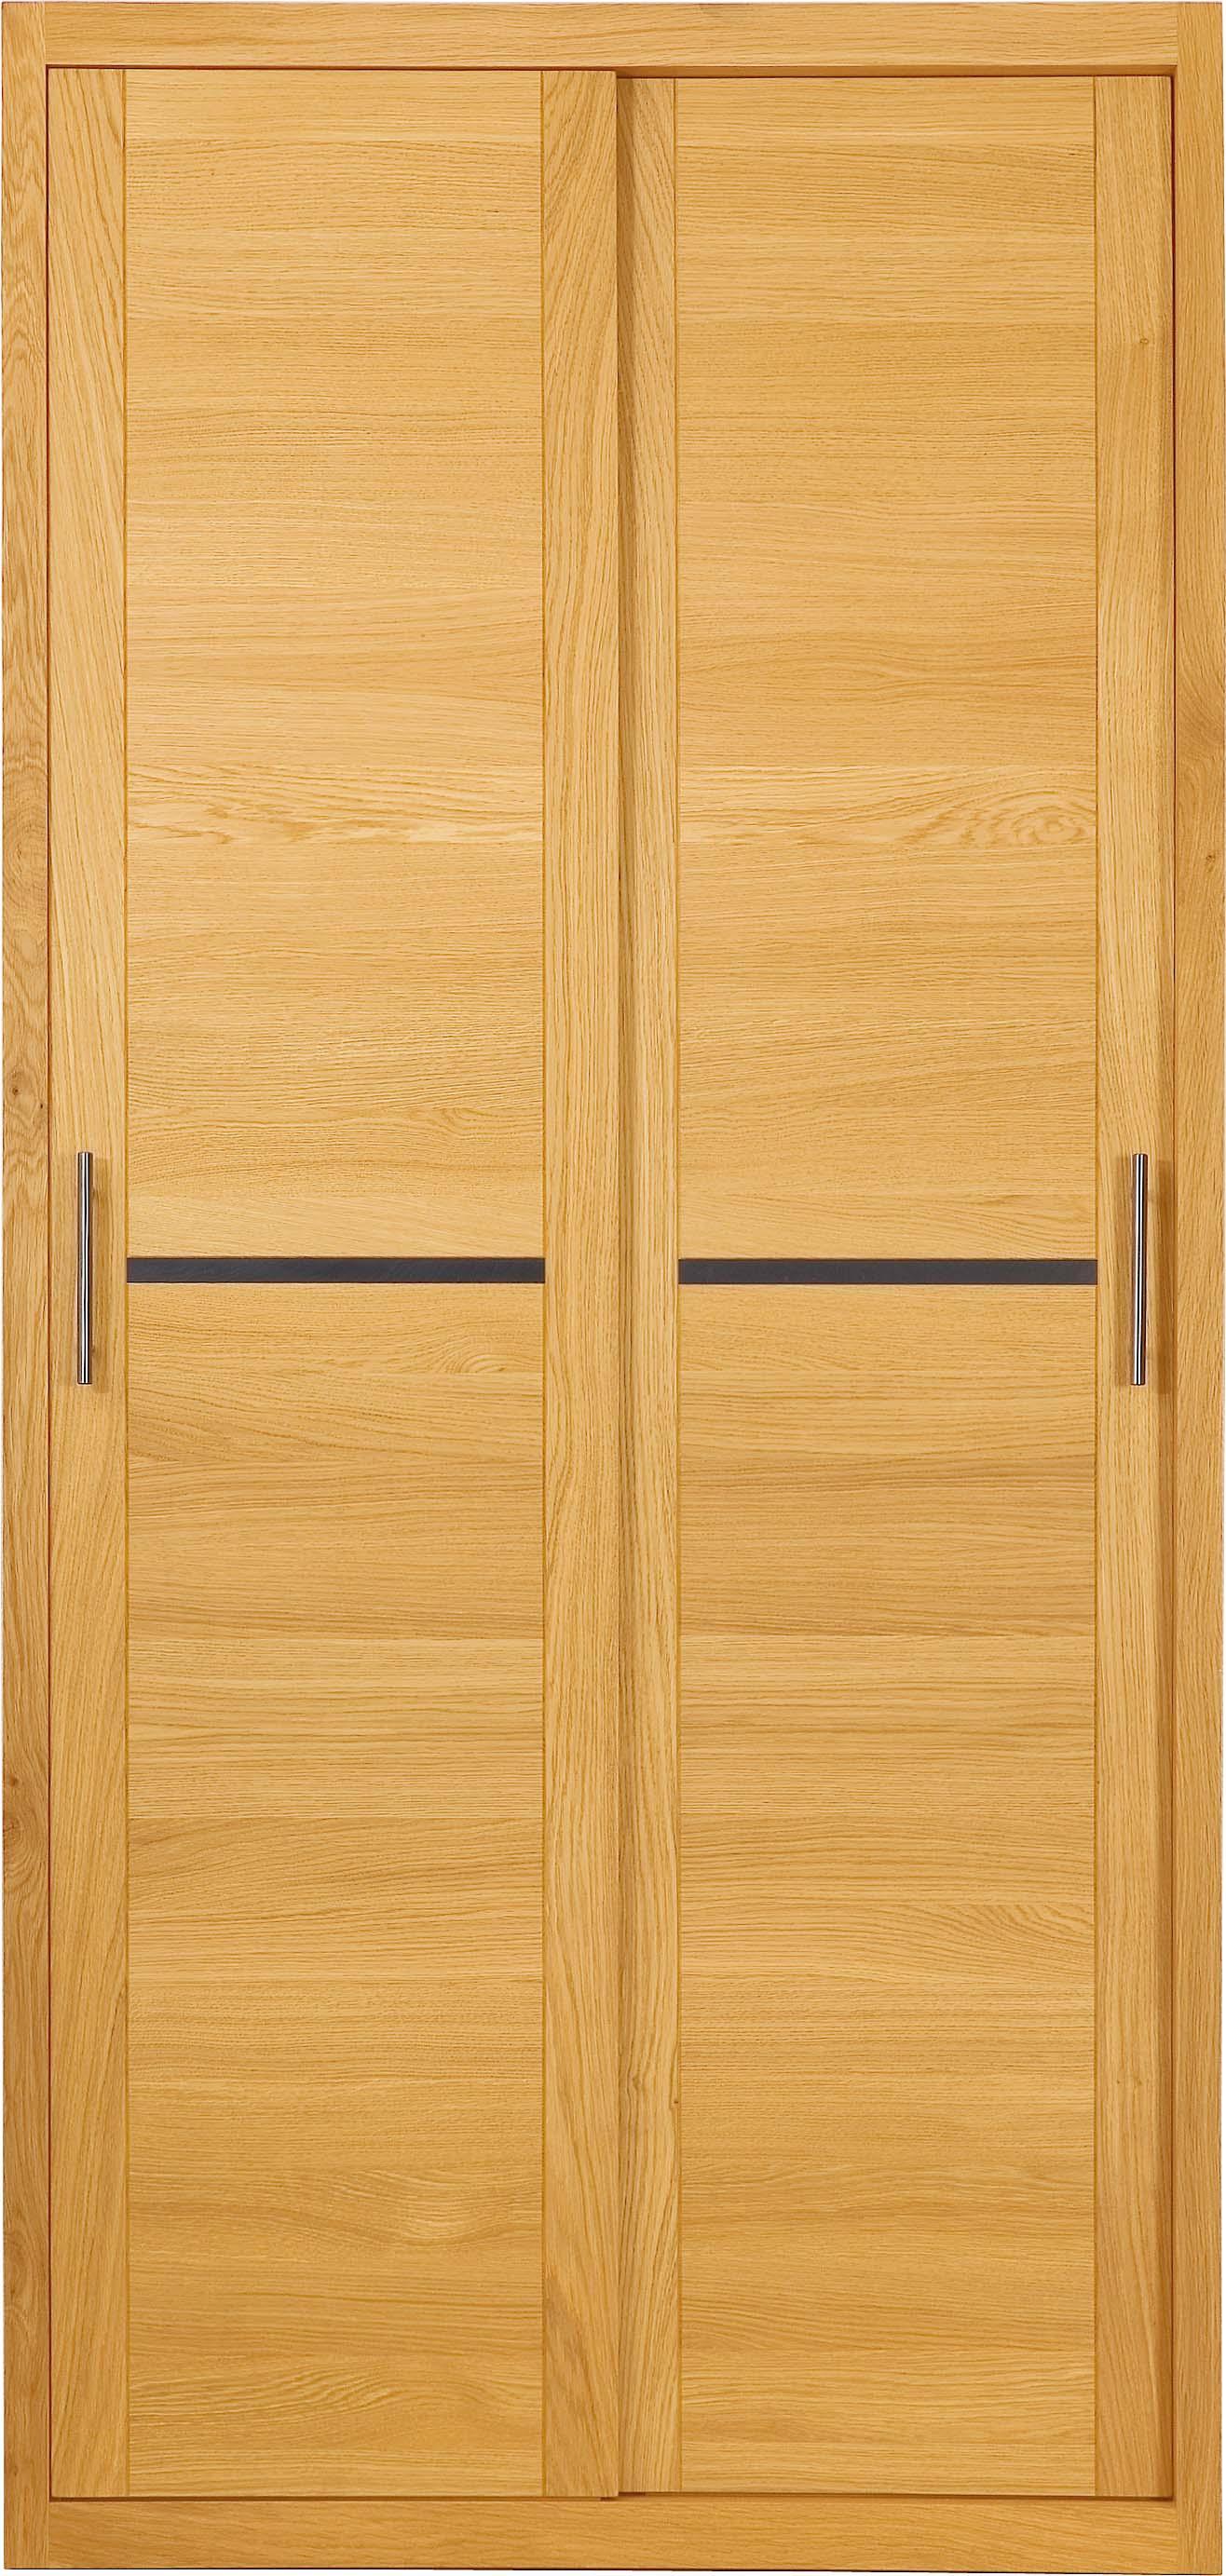 Fa ade placard proboporte en ch ne verni mat mod le samia hue socoda n goces bois panneaux for Porte placard blanche